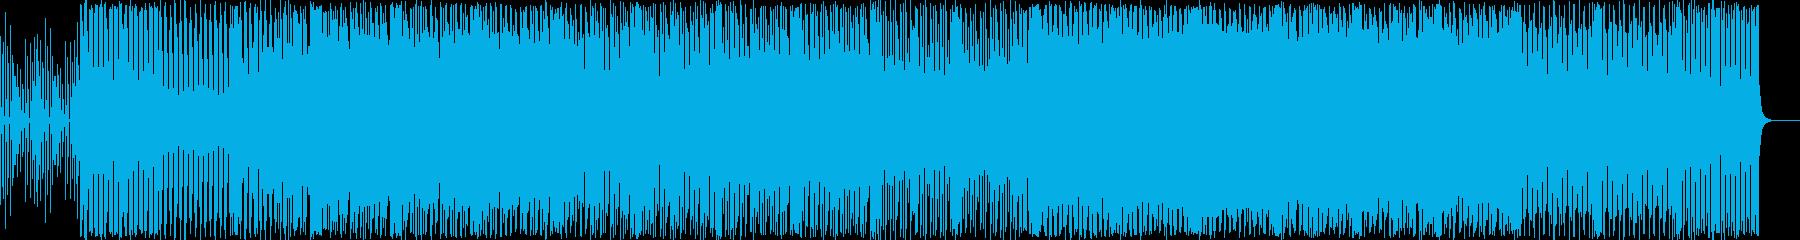 怪しい雰囲気のポップスの再生済みの波形